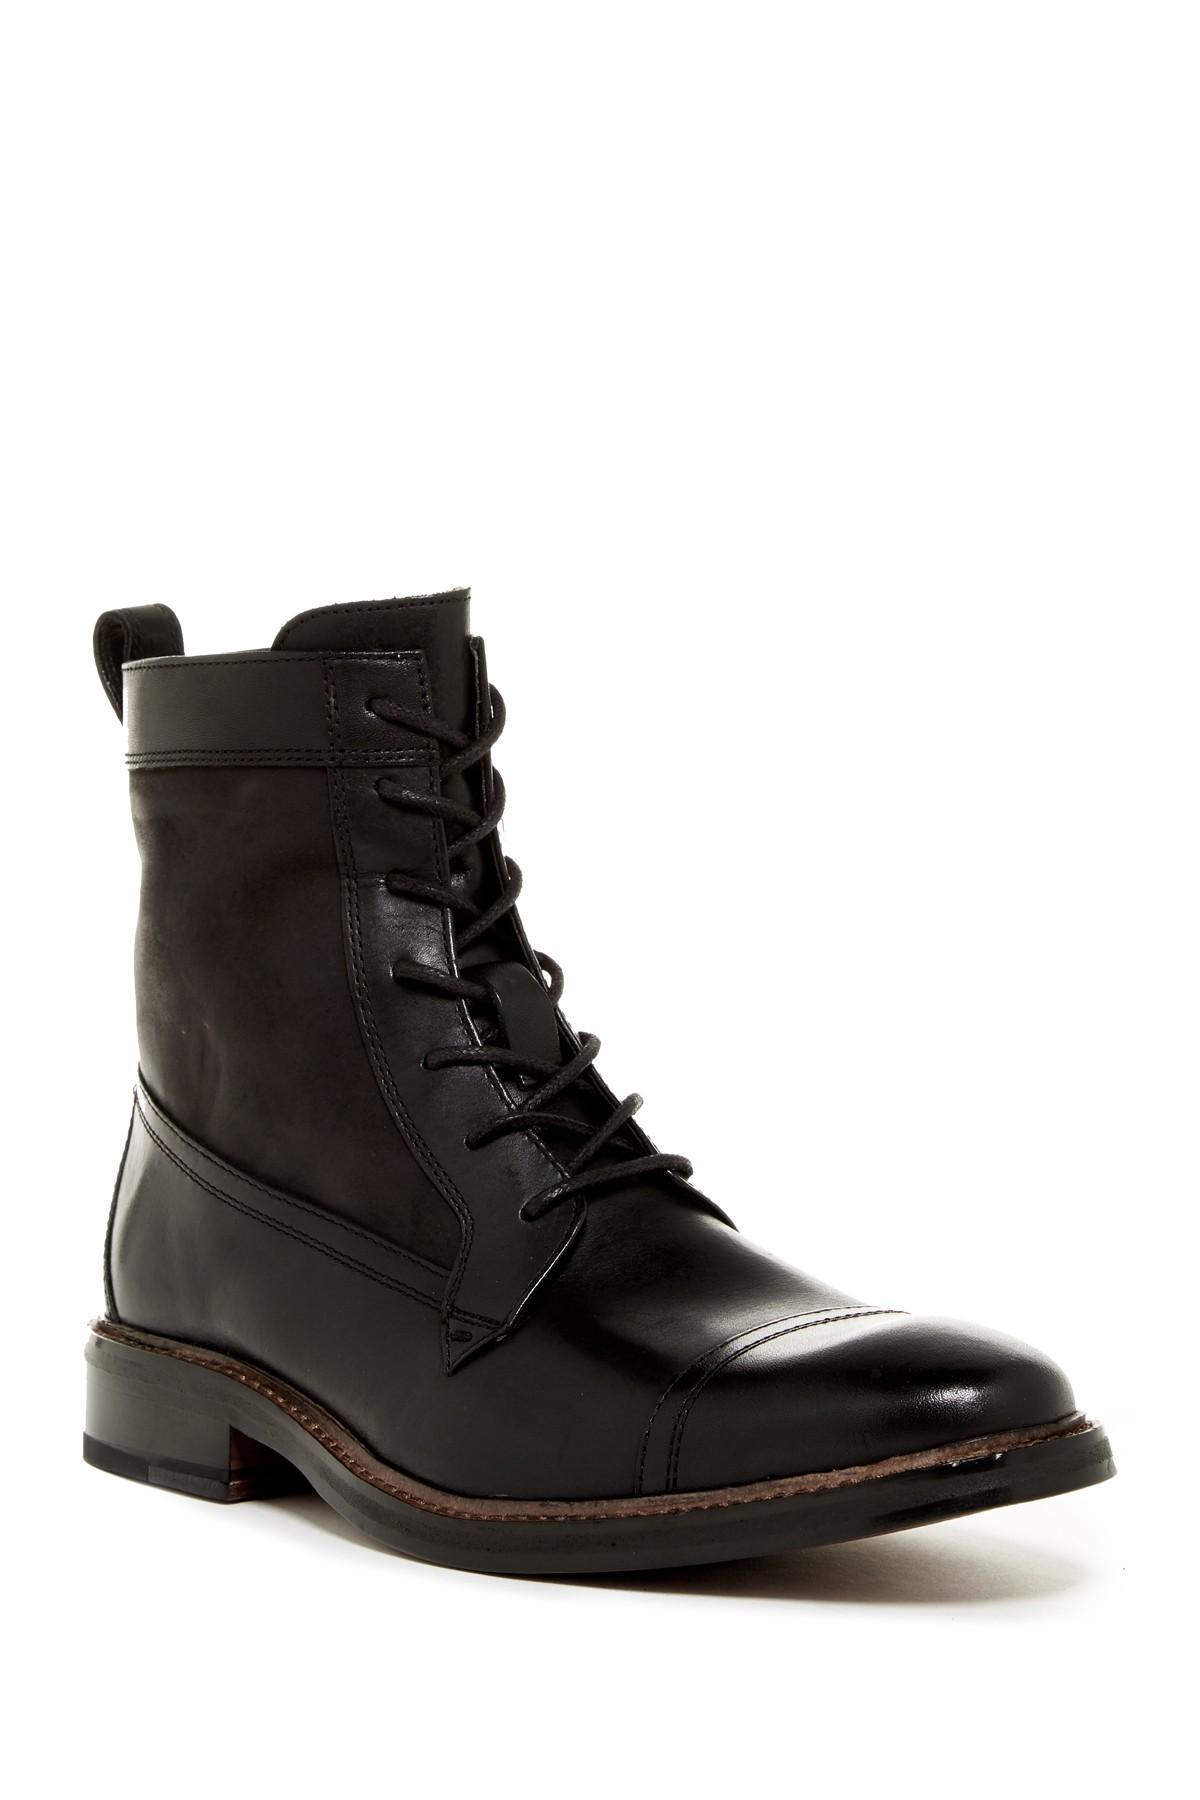 Ben Sherman Shoes Canada